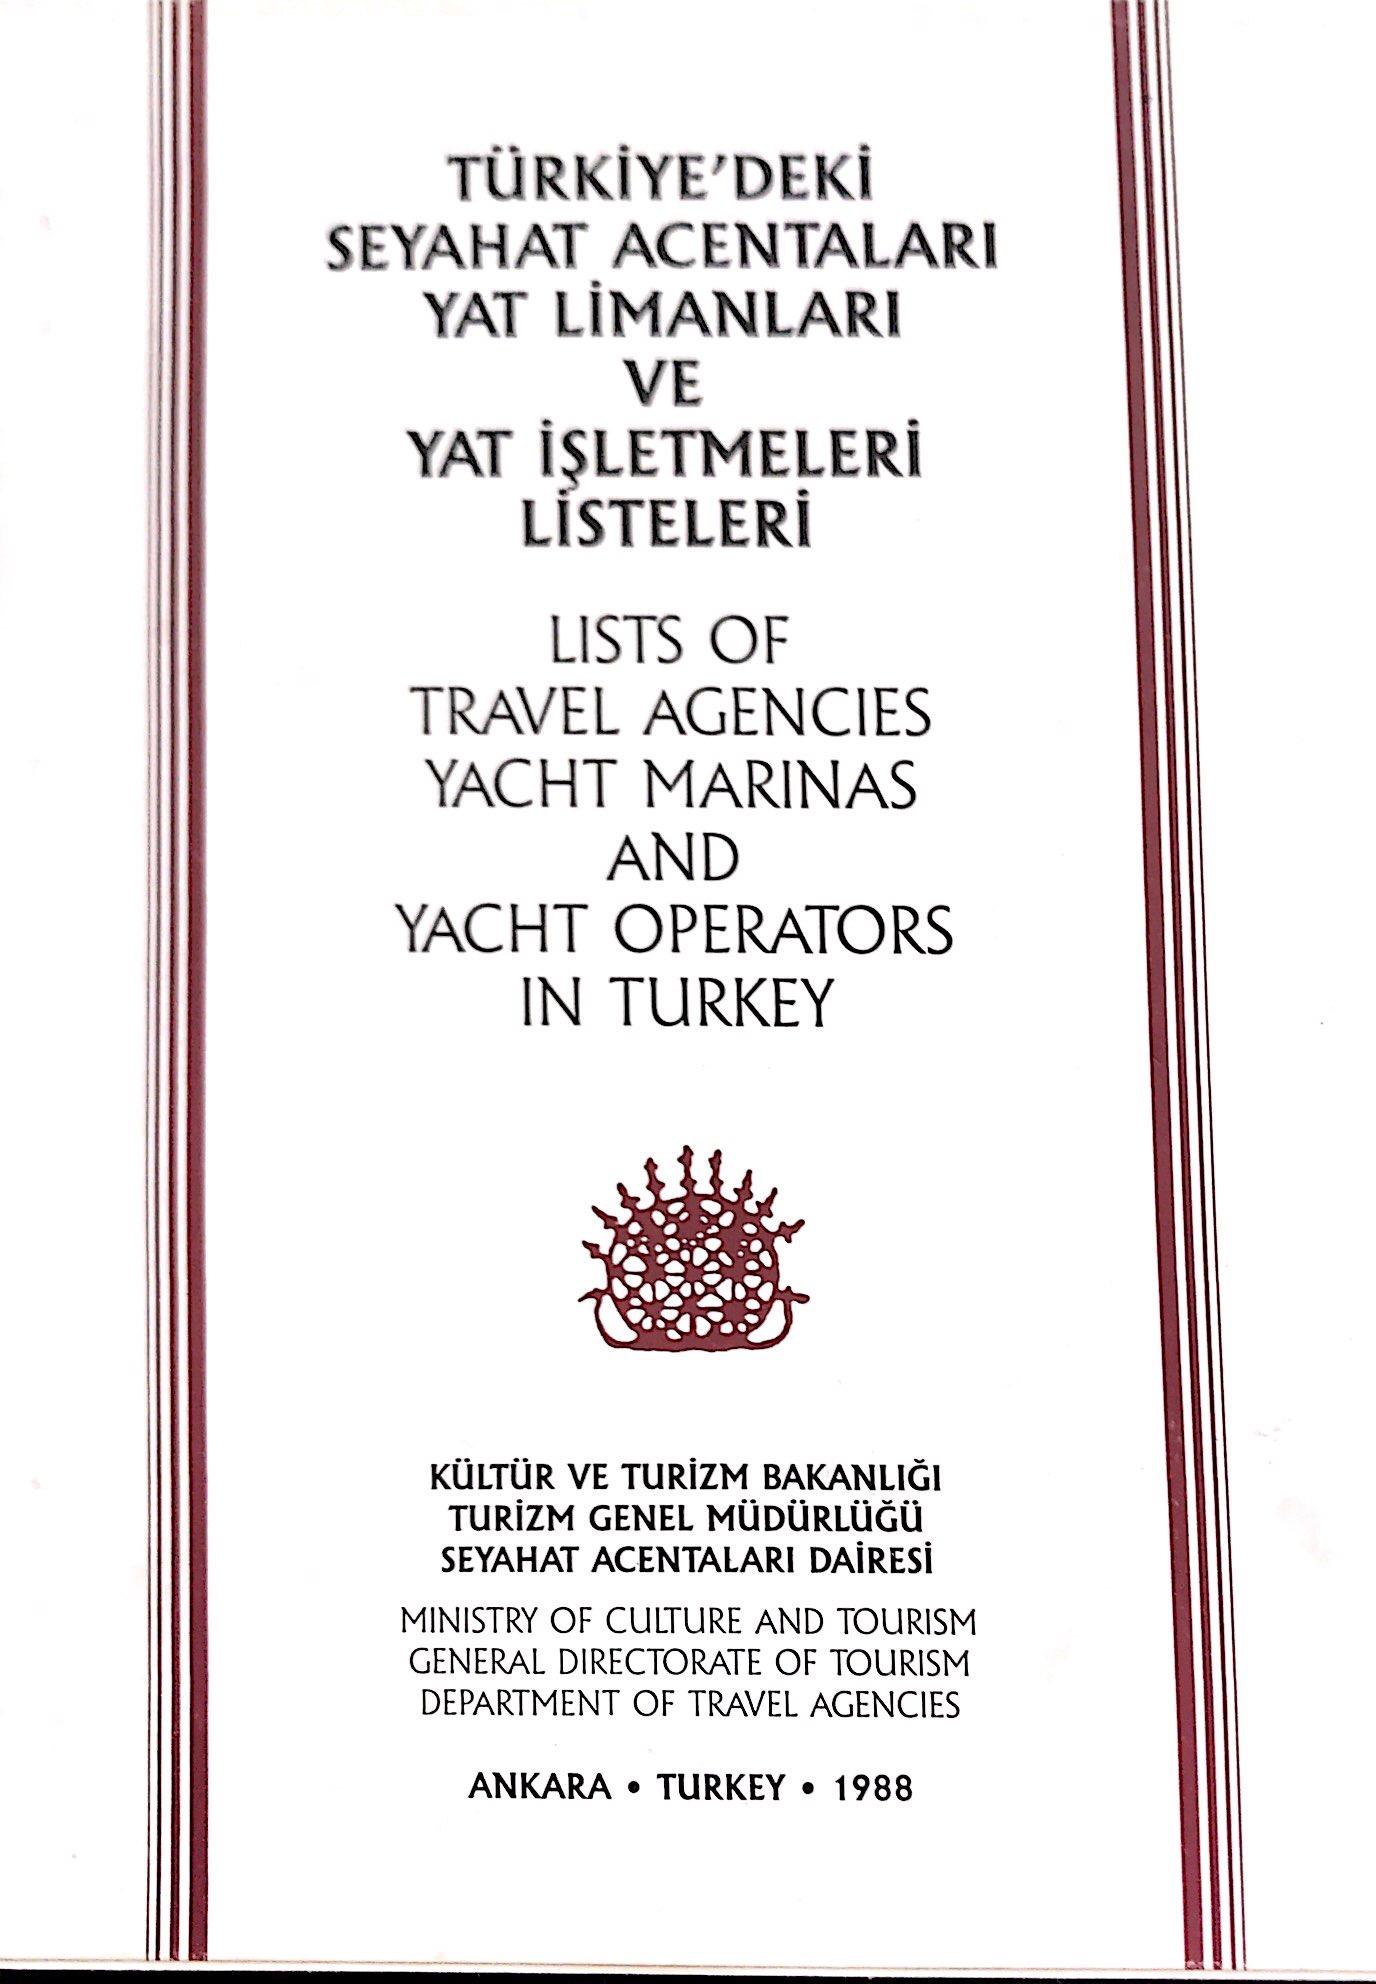 Türkiye'deki Seyahat Acentaları, Yat Limanları ve Yat İşletmeleri Listeleri Kitap Kapağı